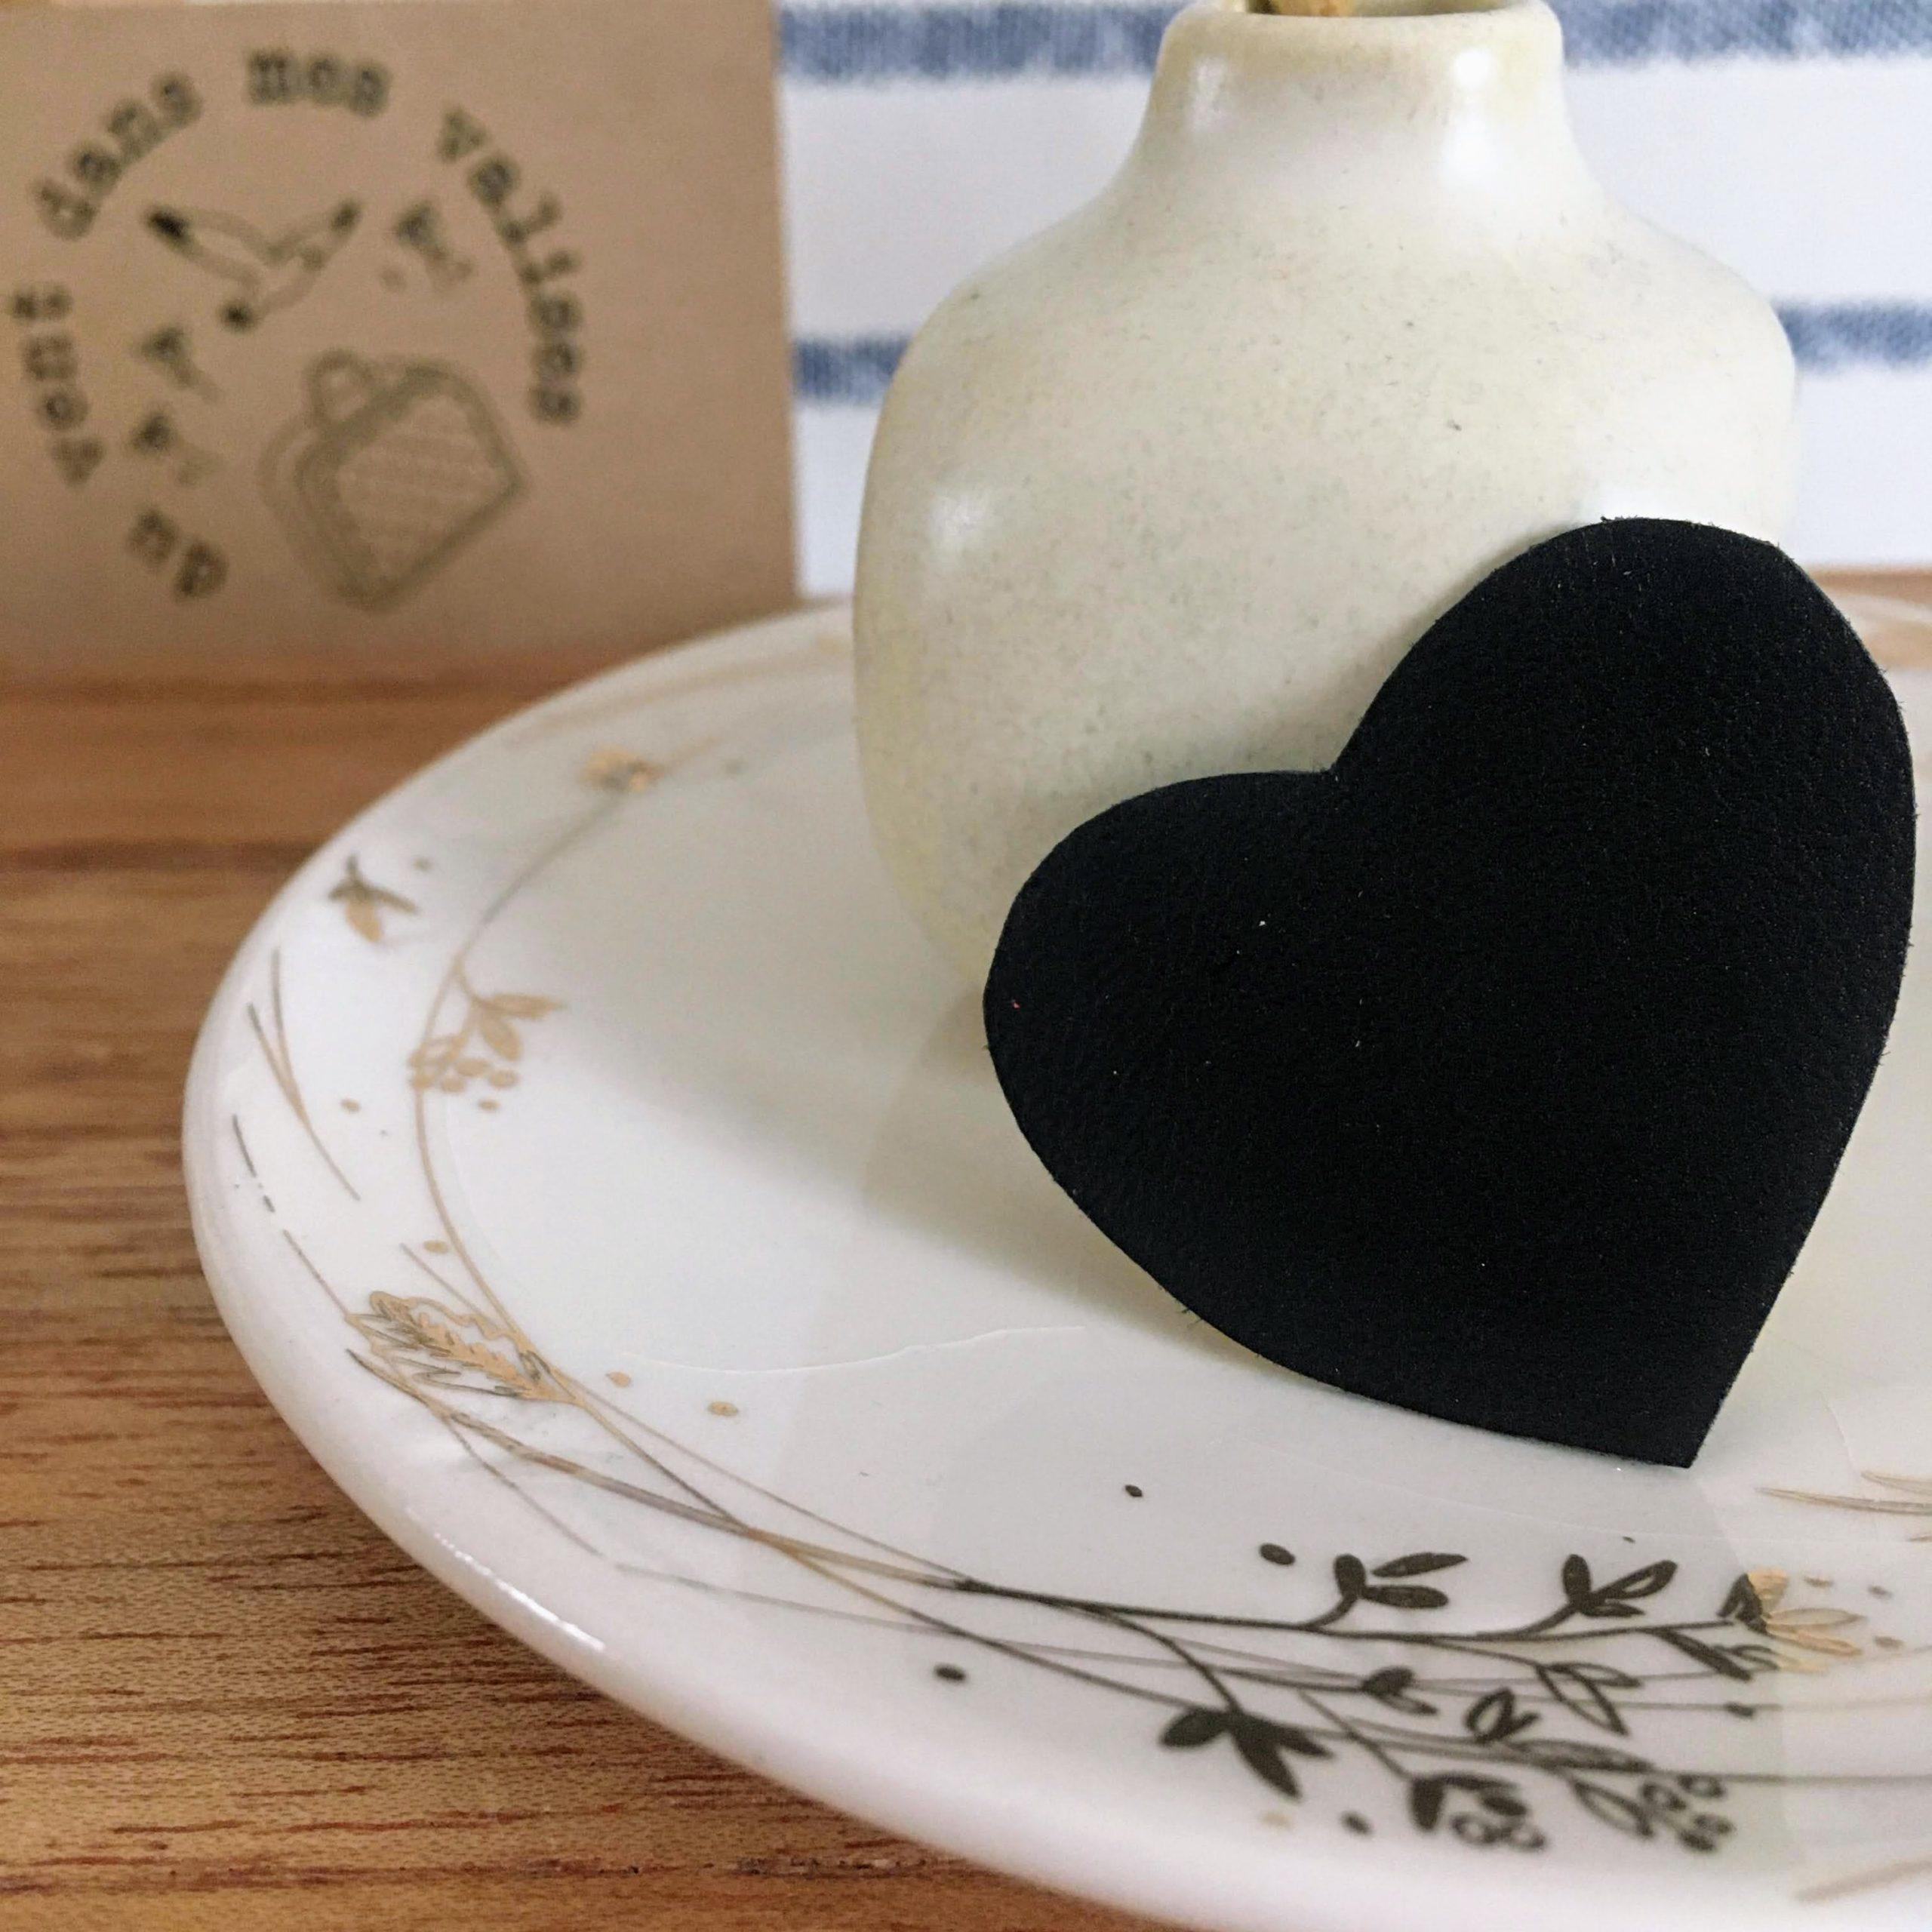 le joli coeur broche en cuir poétique made in France - du vent dans mes valises